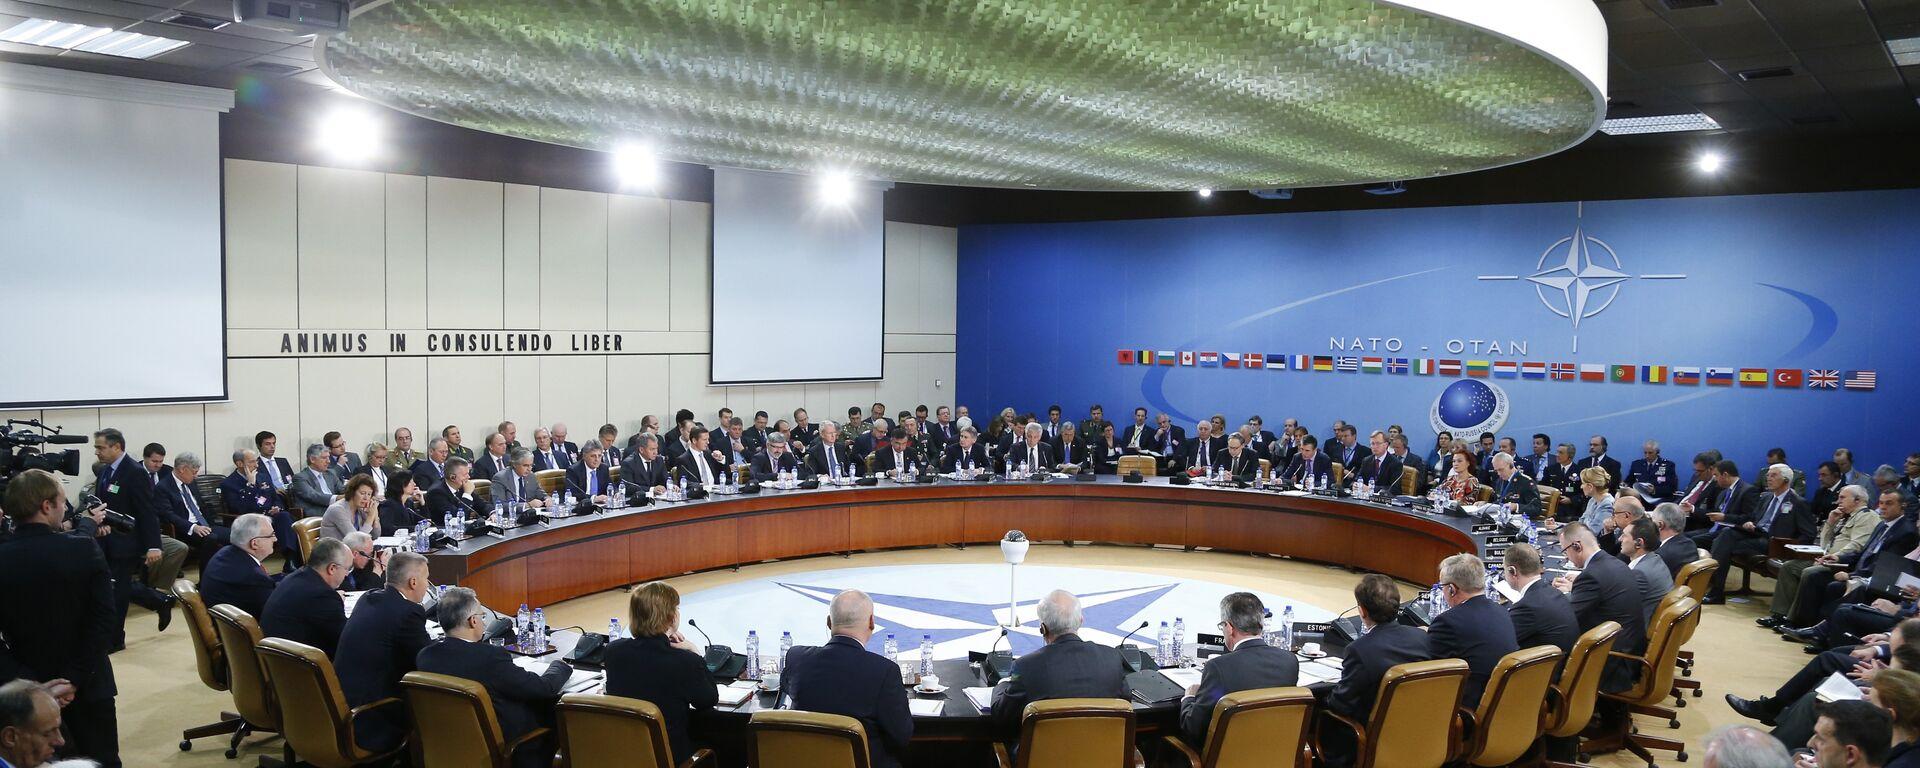 Una reunión del Consejo OTAN-Rusia a nivel de ministros de Defensa en la sede de la OTAN en Bruselas (archivo) - Sputnik Mundo, 1920, 07.06.2021